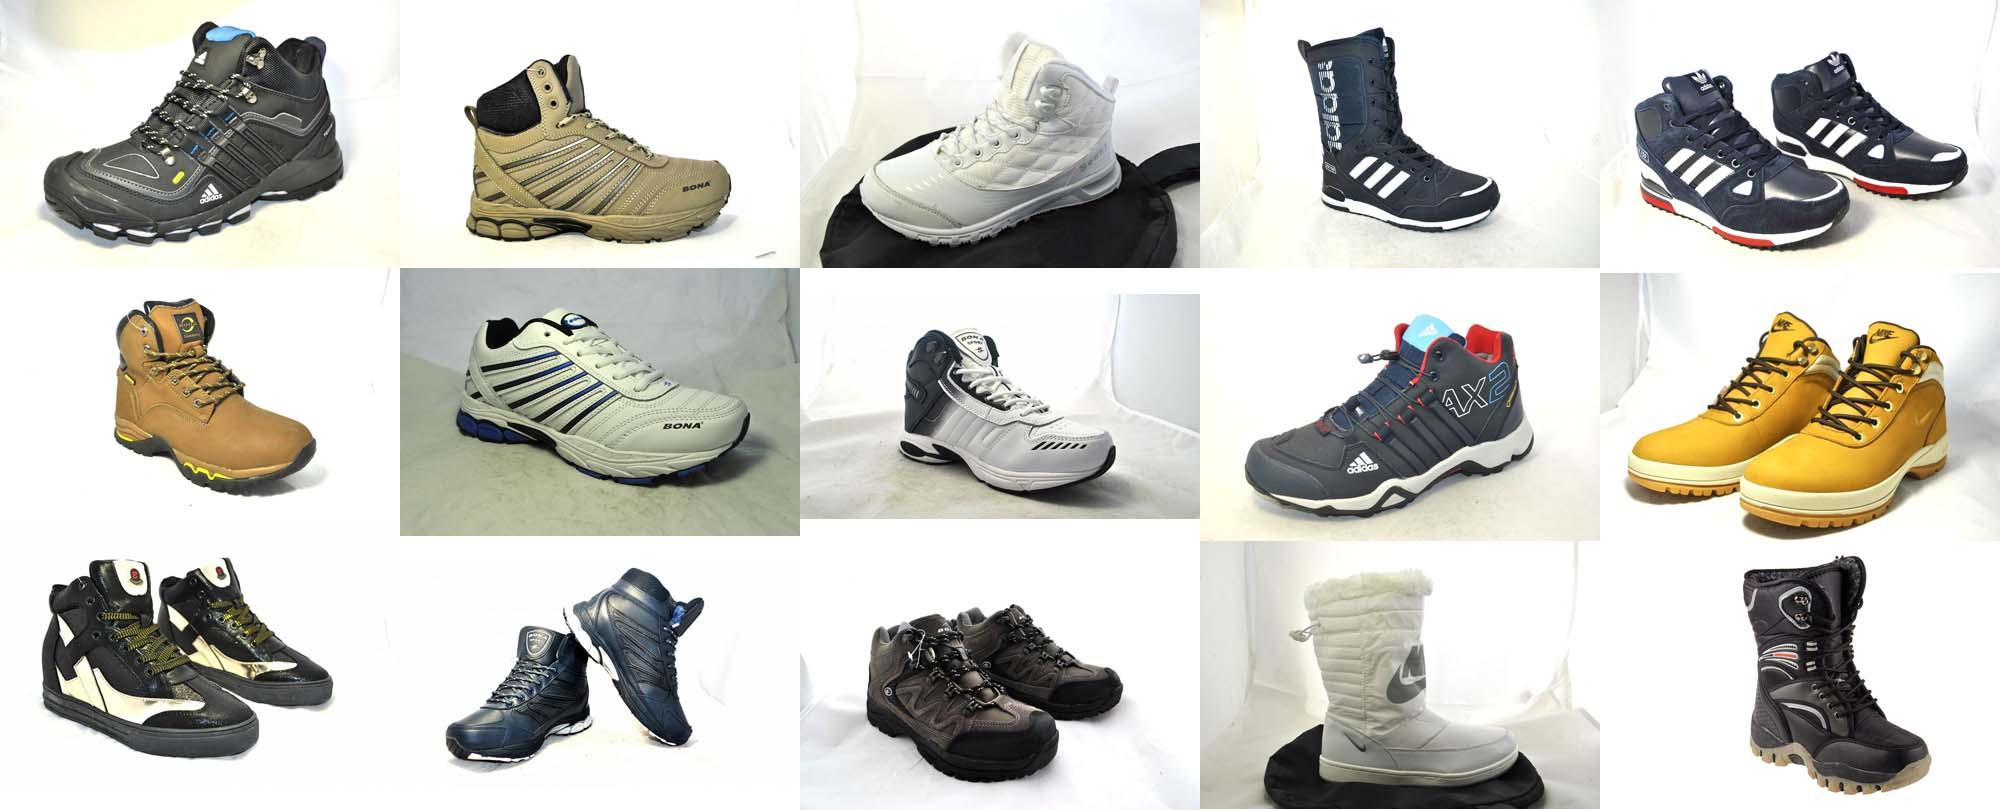 Сбор заказов. Спортивная обувь B*o*n*a - самый яркий пример крепкой и модной обуви. Европейский дизайн по низким ценам. До 51 размера. Зима от 450 рублей. Выкуп 27